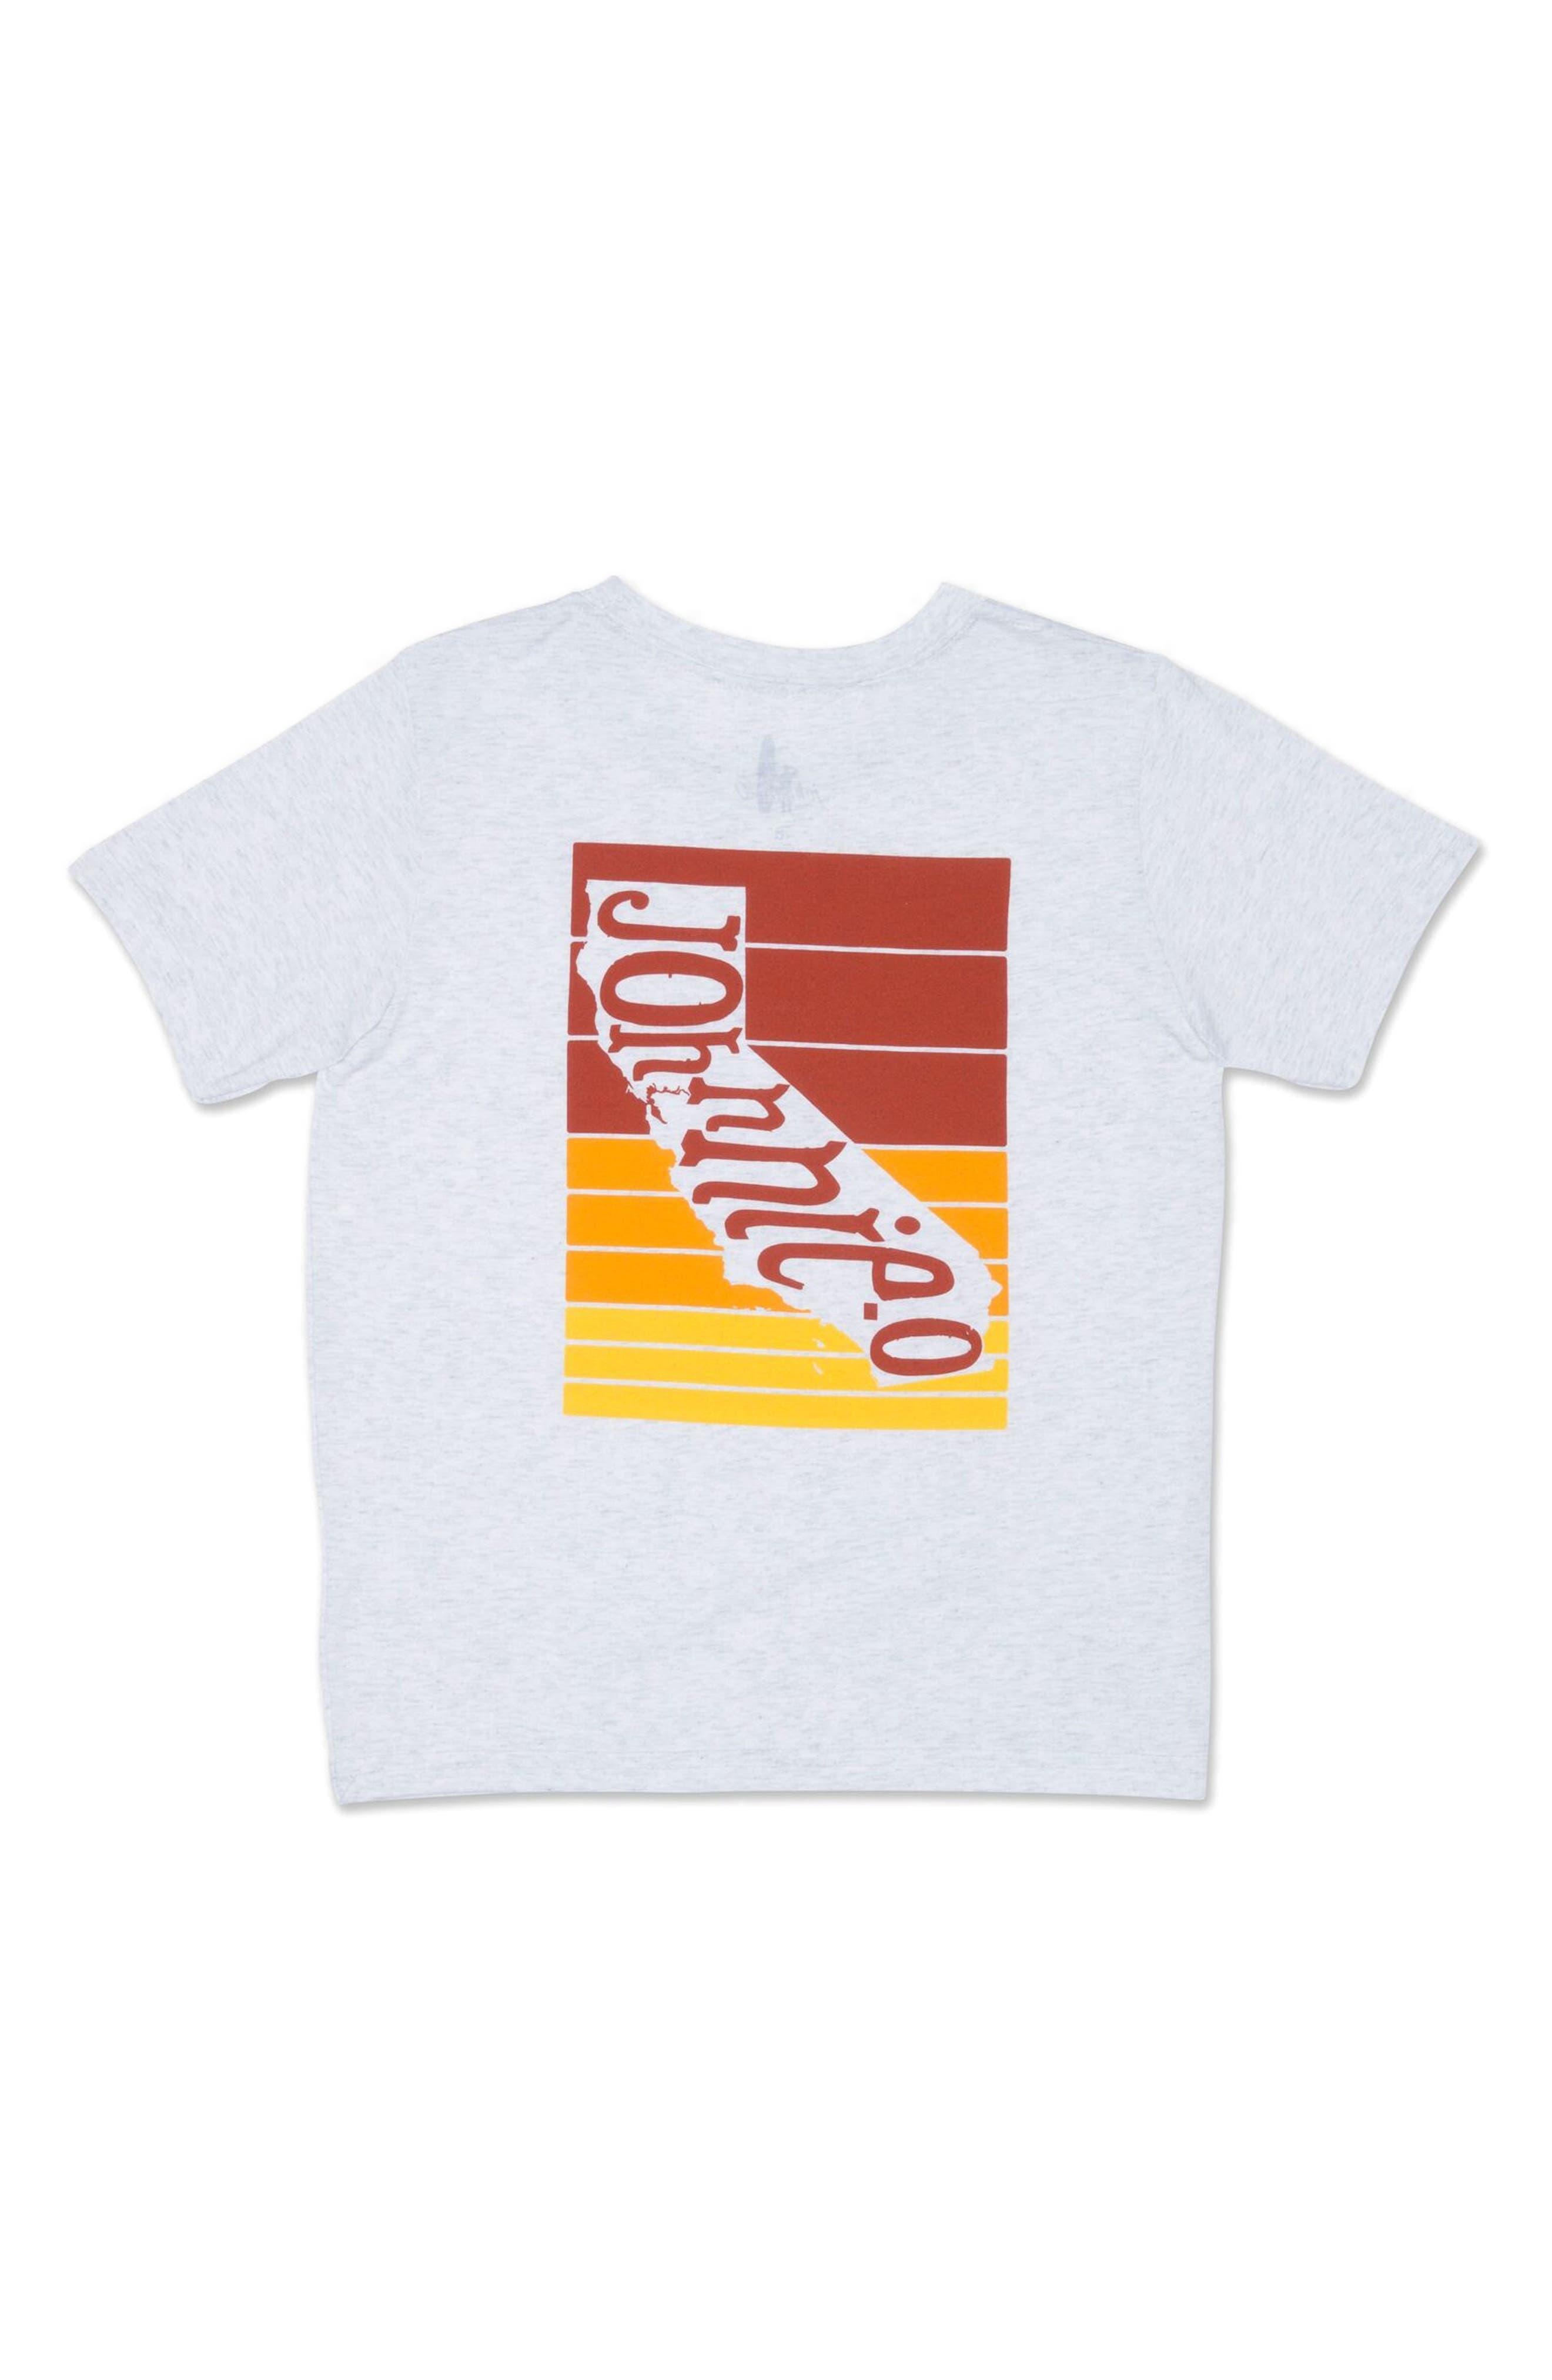 Cali Stripe T-Shirt,                             Alternate thumbnail 2, color,                             White